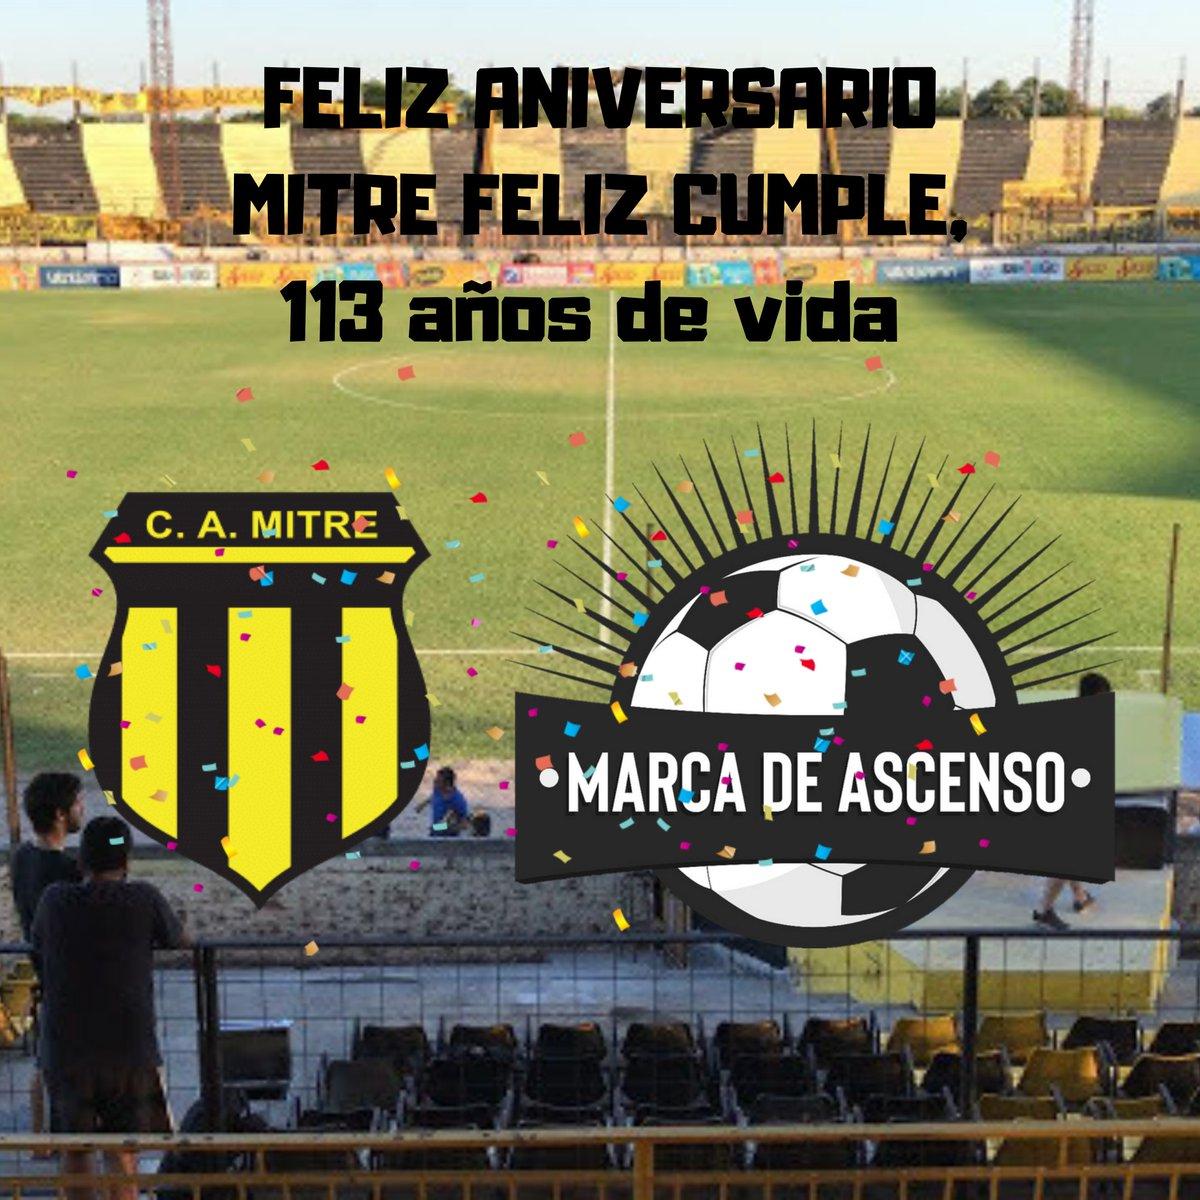 Desde el staff completo de @MarcaDeAscenso le deseamos un feliz cumple a #Mitre, felices 113 años de vida.